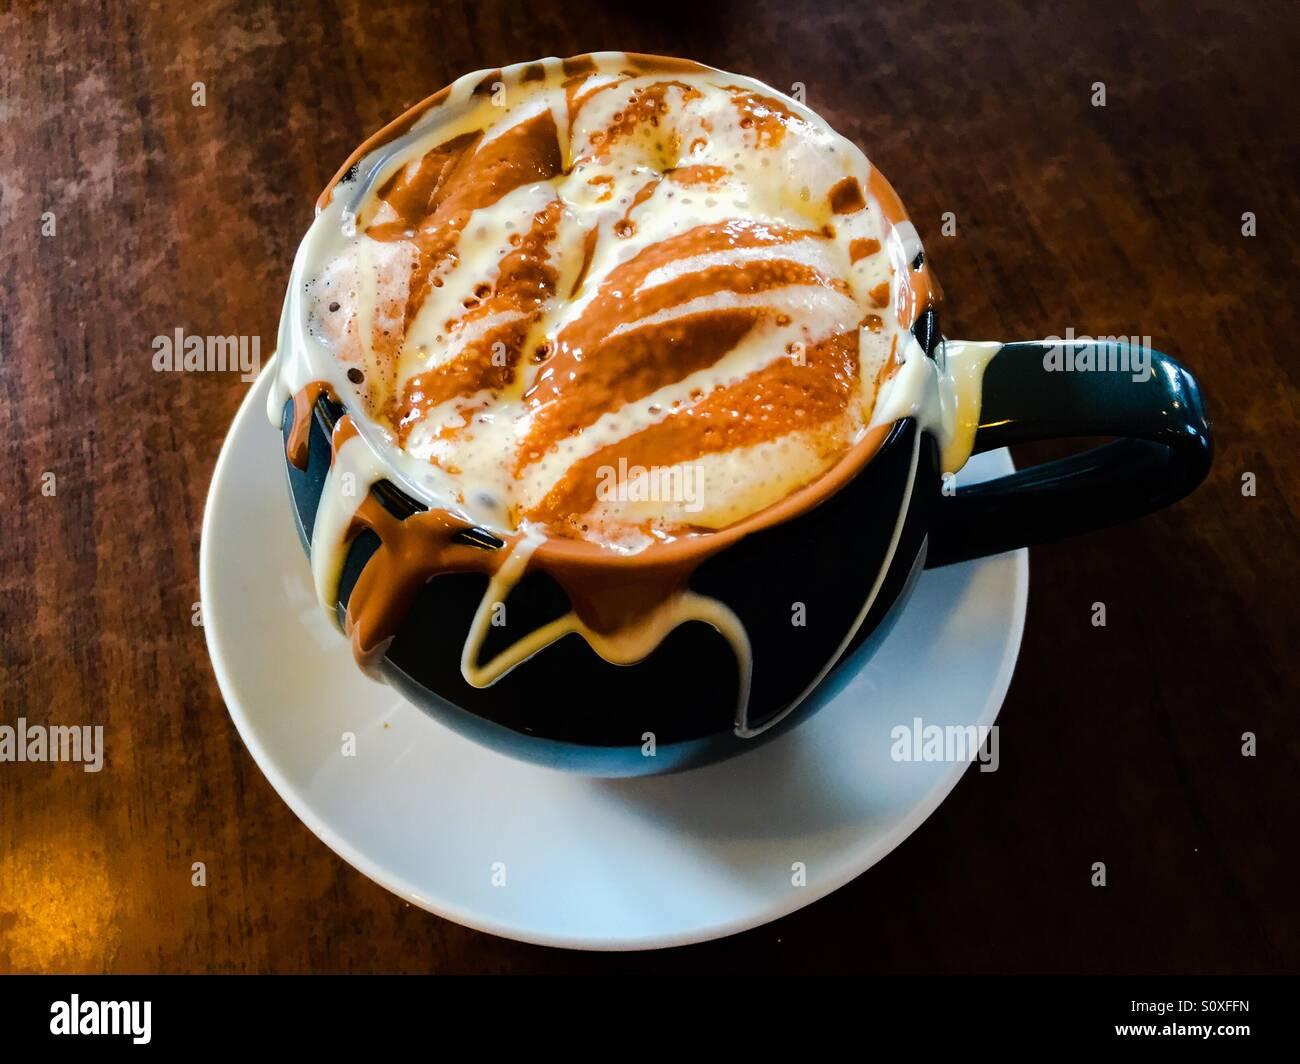 El mejor chocolate caliente en el mundo? Cremoso, el derretimiento de la bebida de chocolate Imagen De Stock